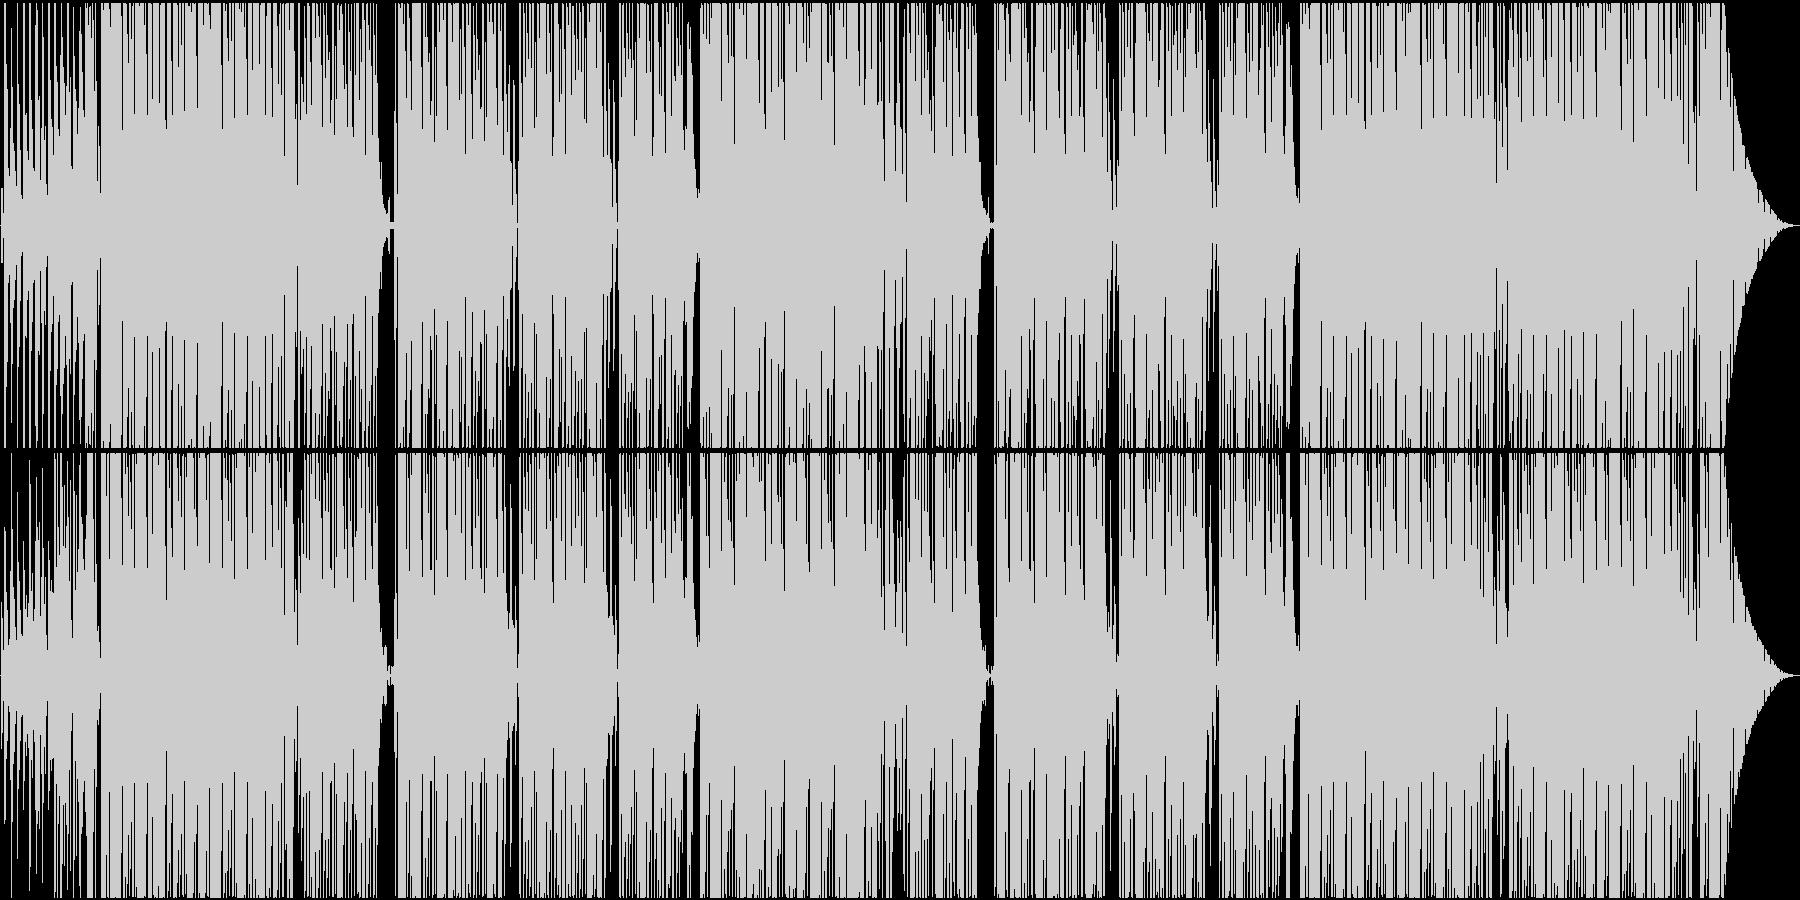 シンセベースに哀愁のピアノラインが印象的の未再生の波形